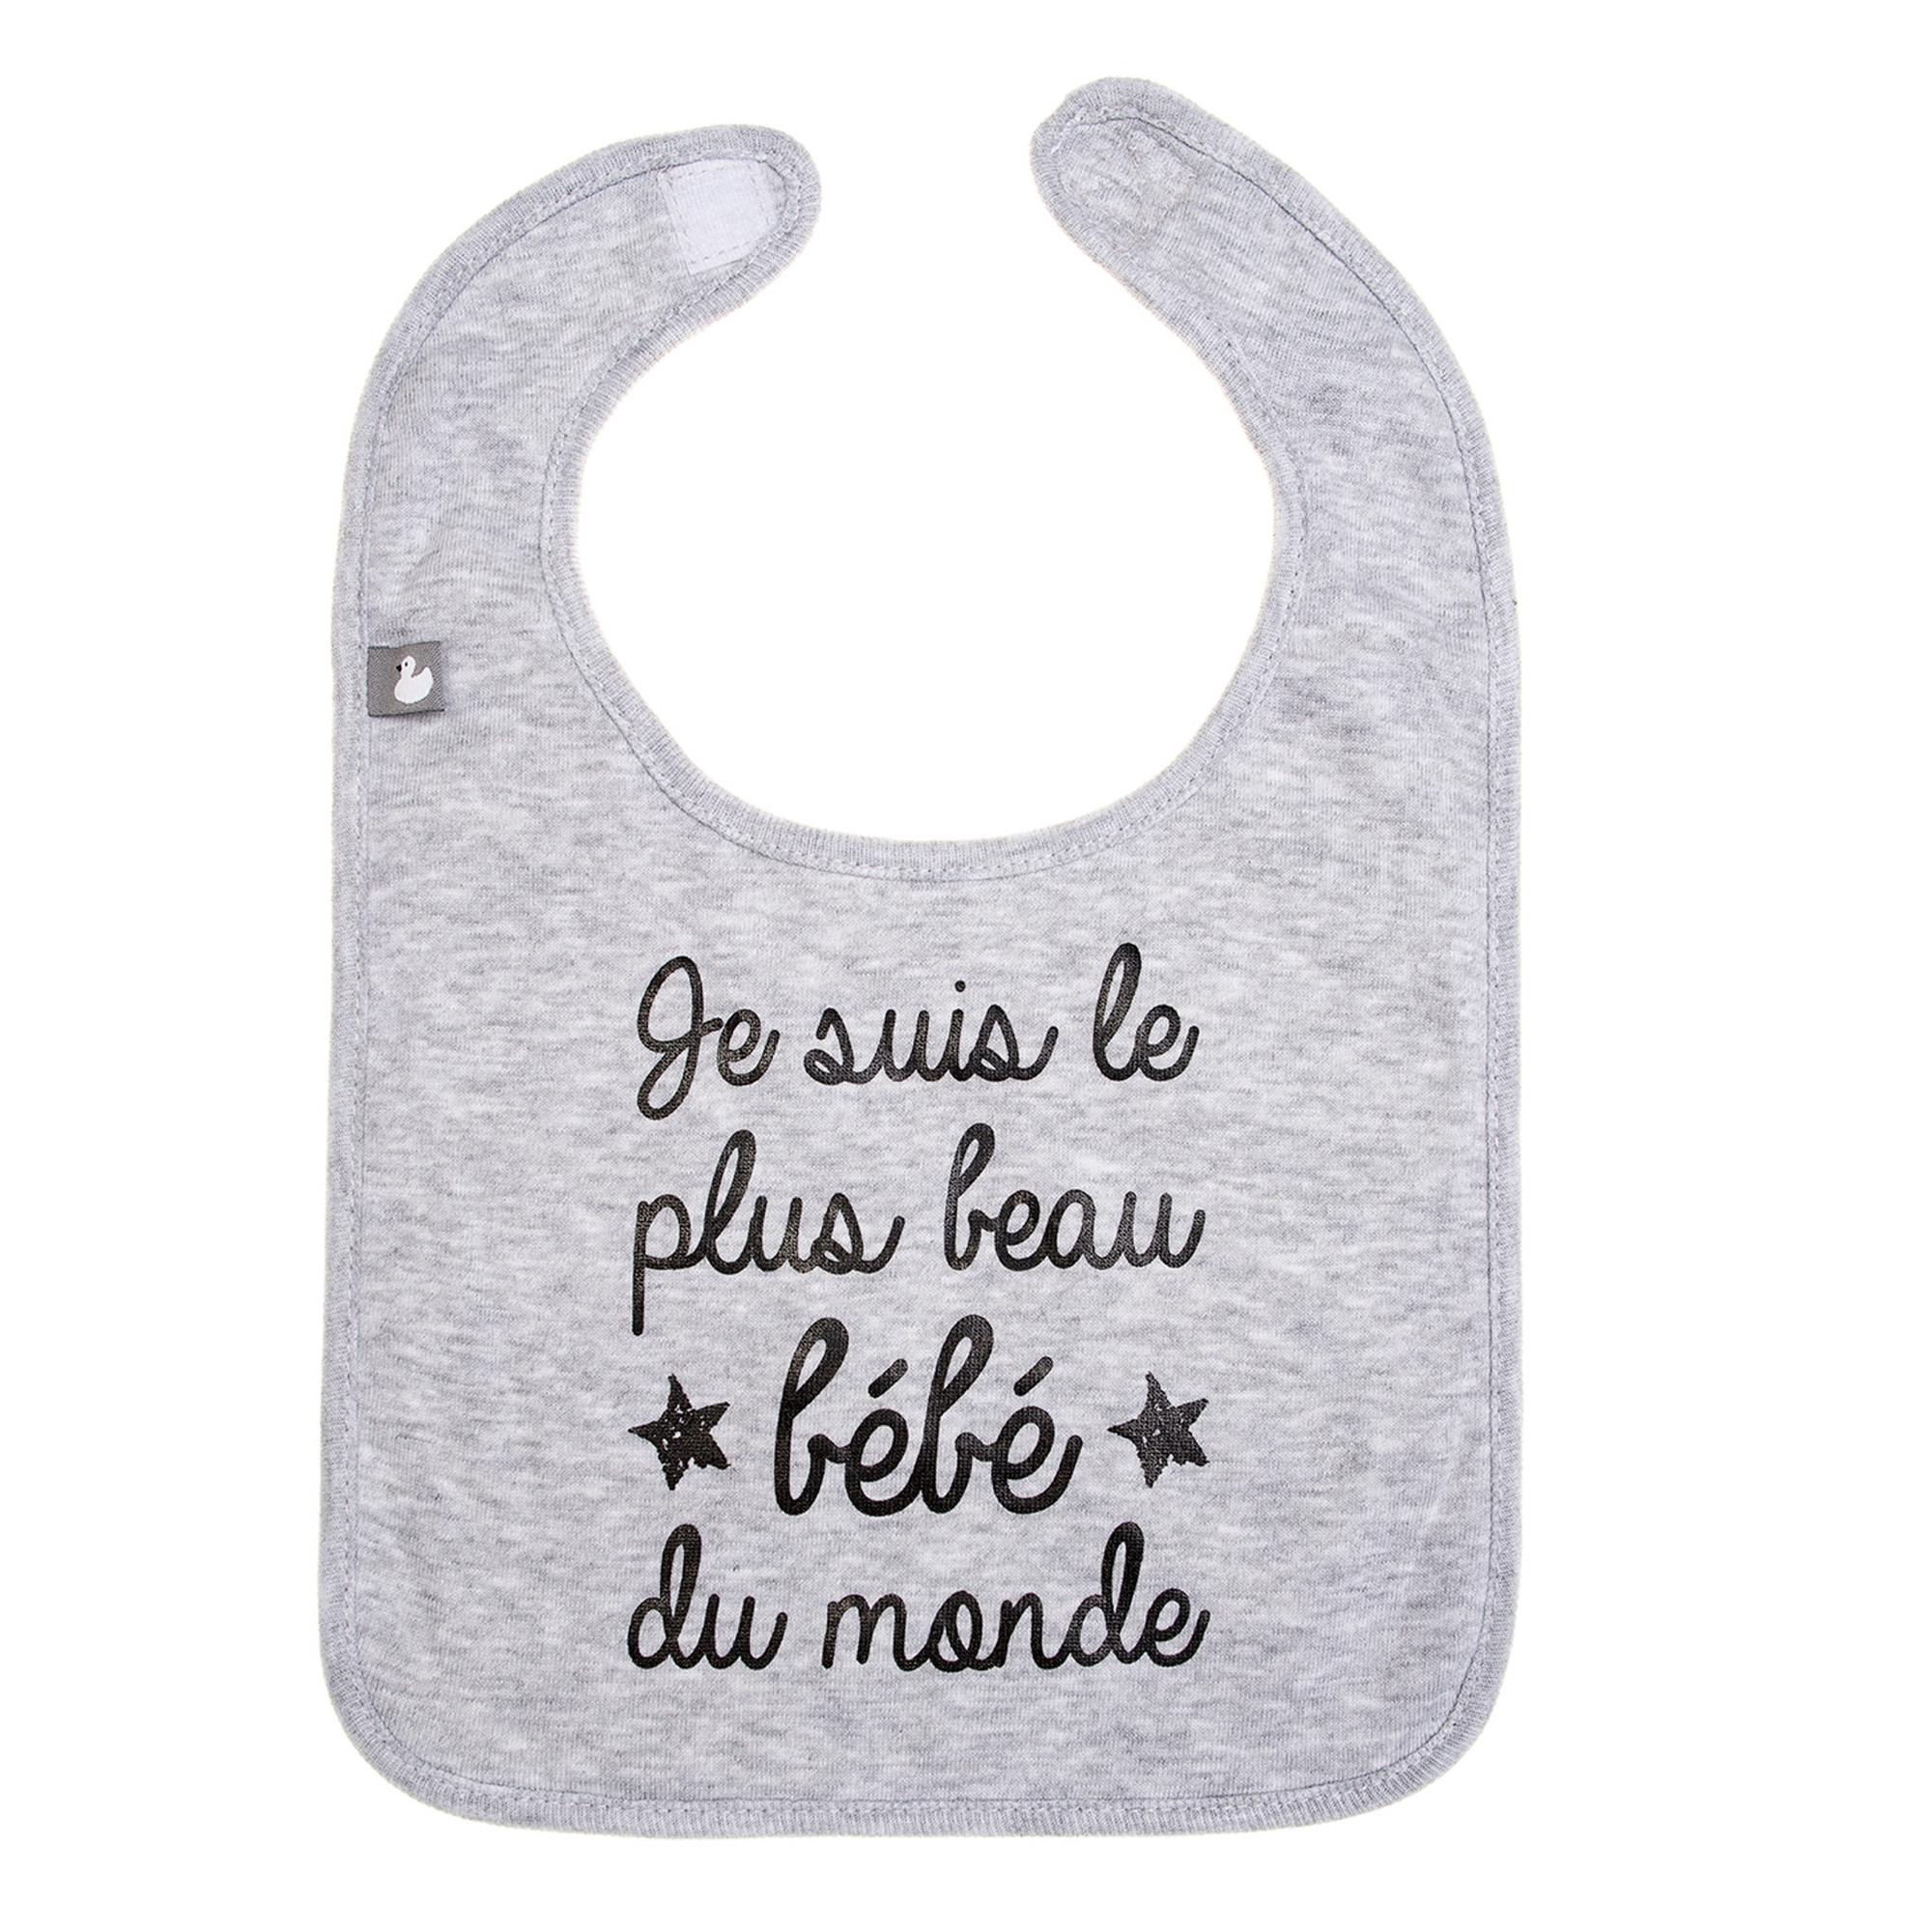 Bavoir bébé personnalisé  gris